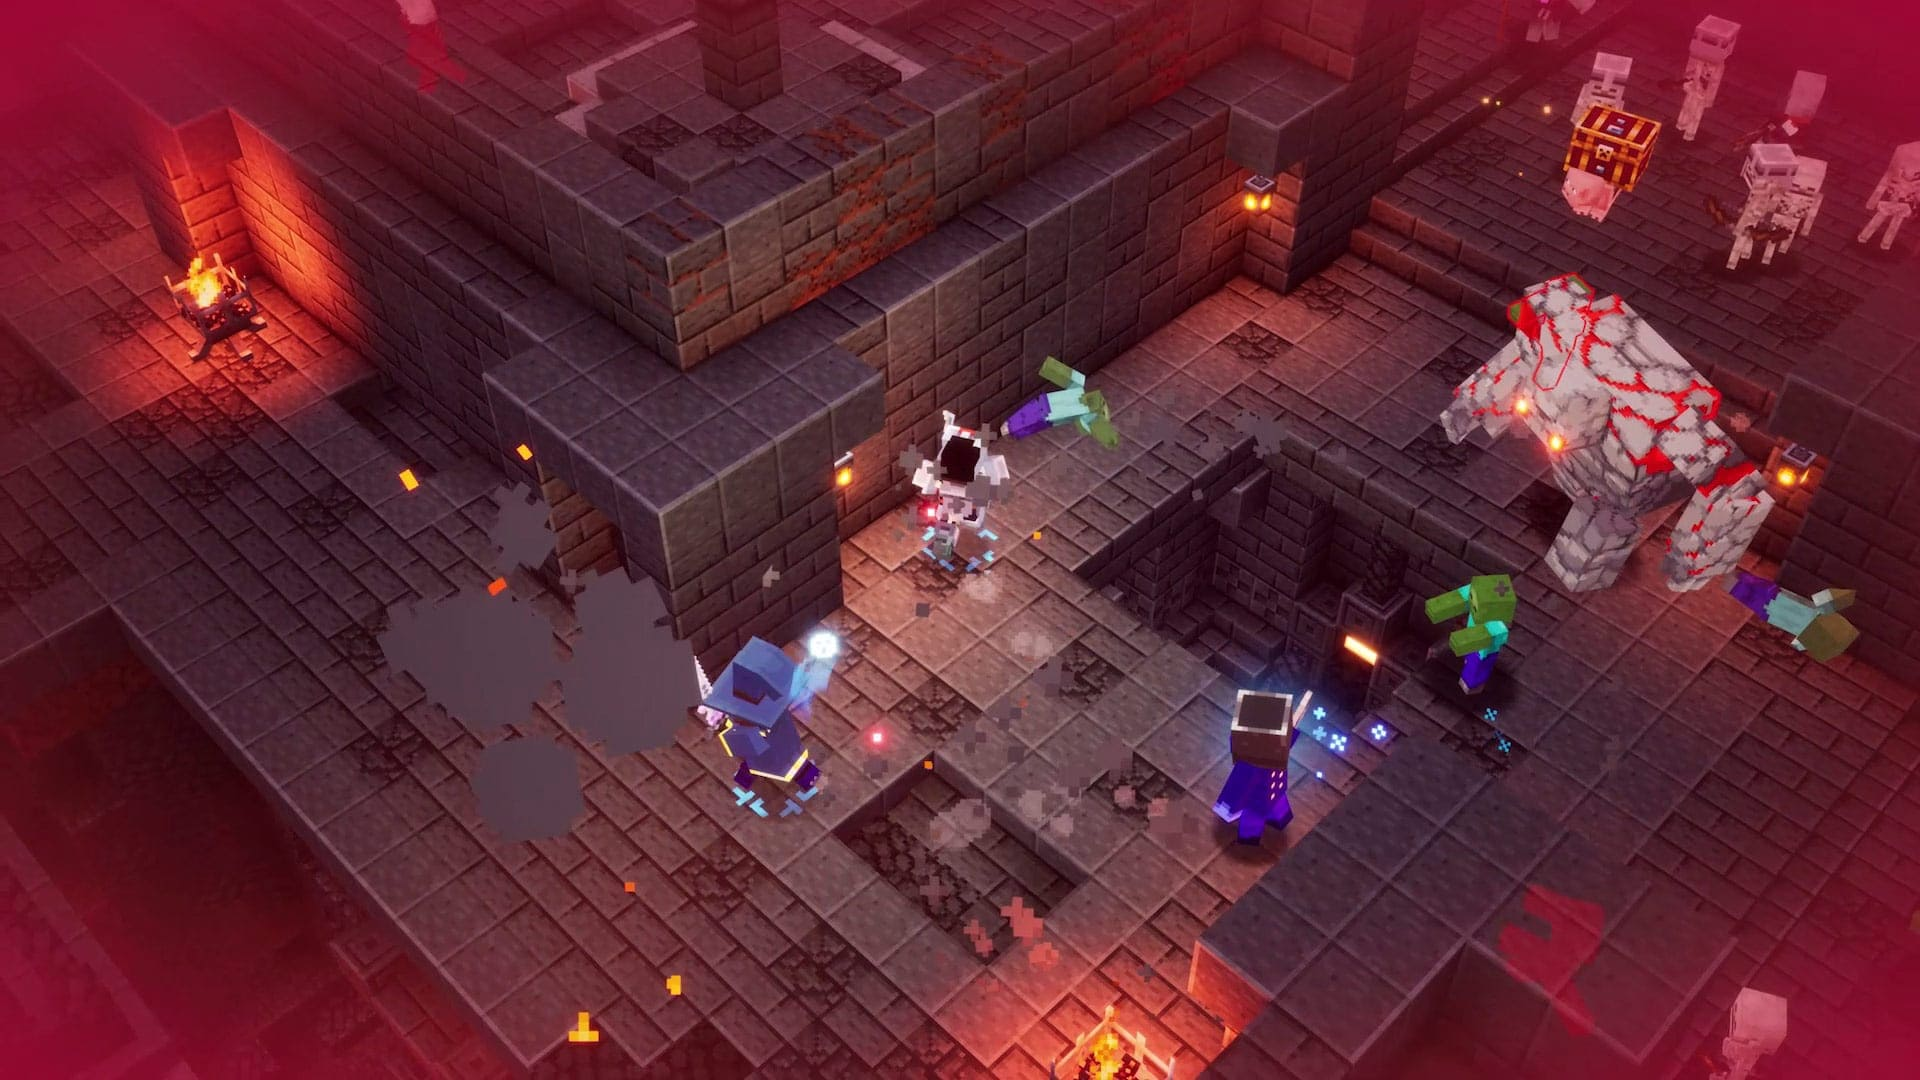 minecraft dungeons eshop sales